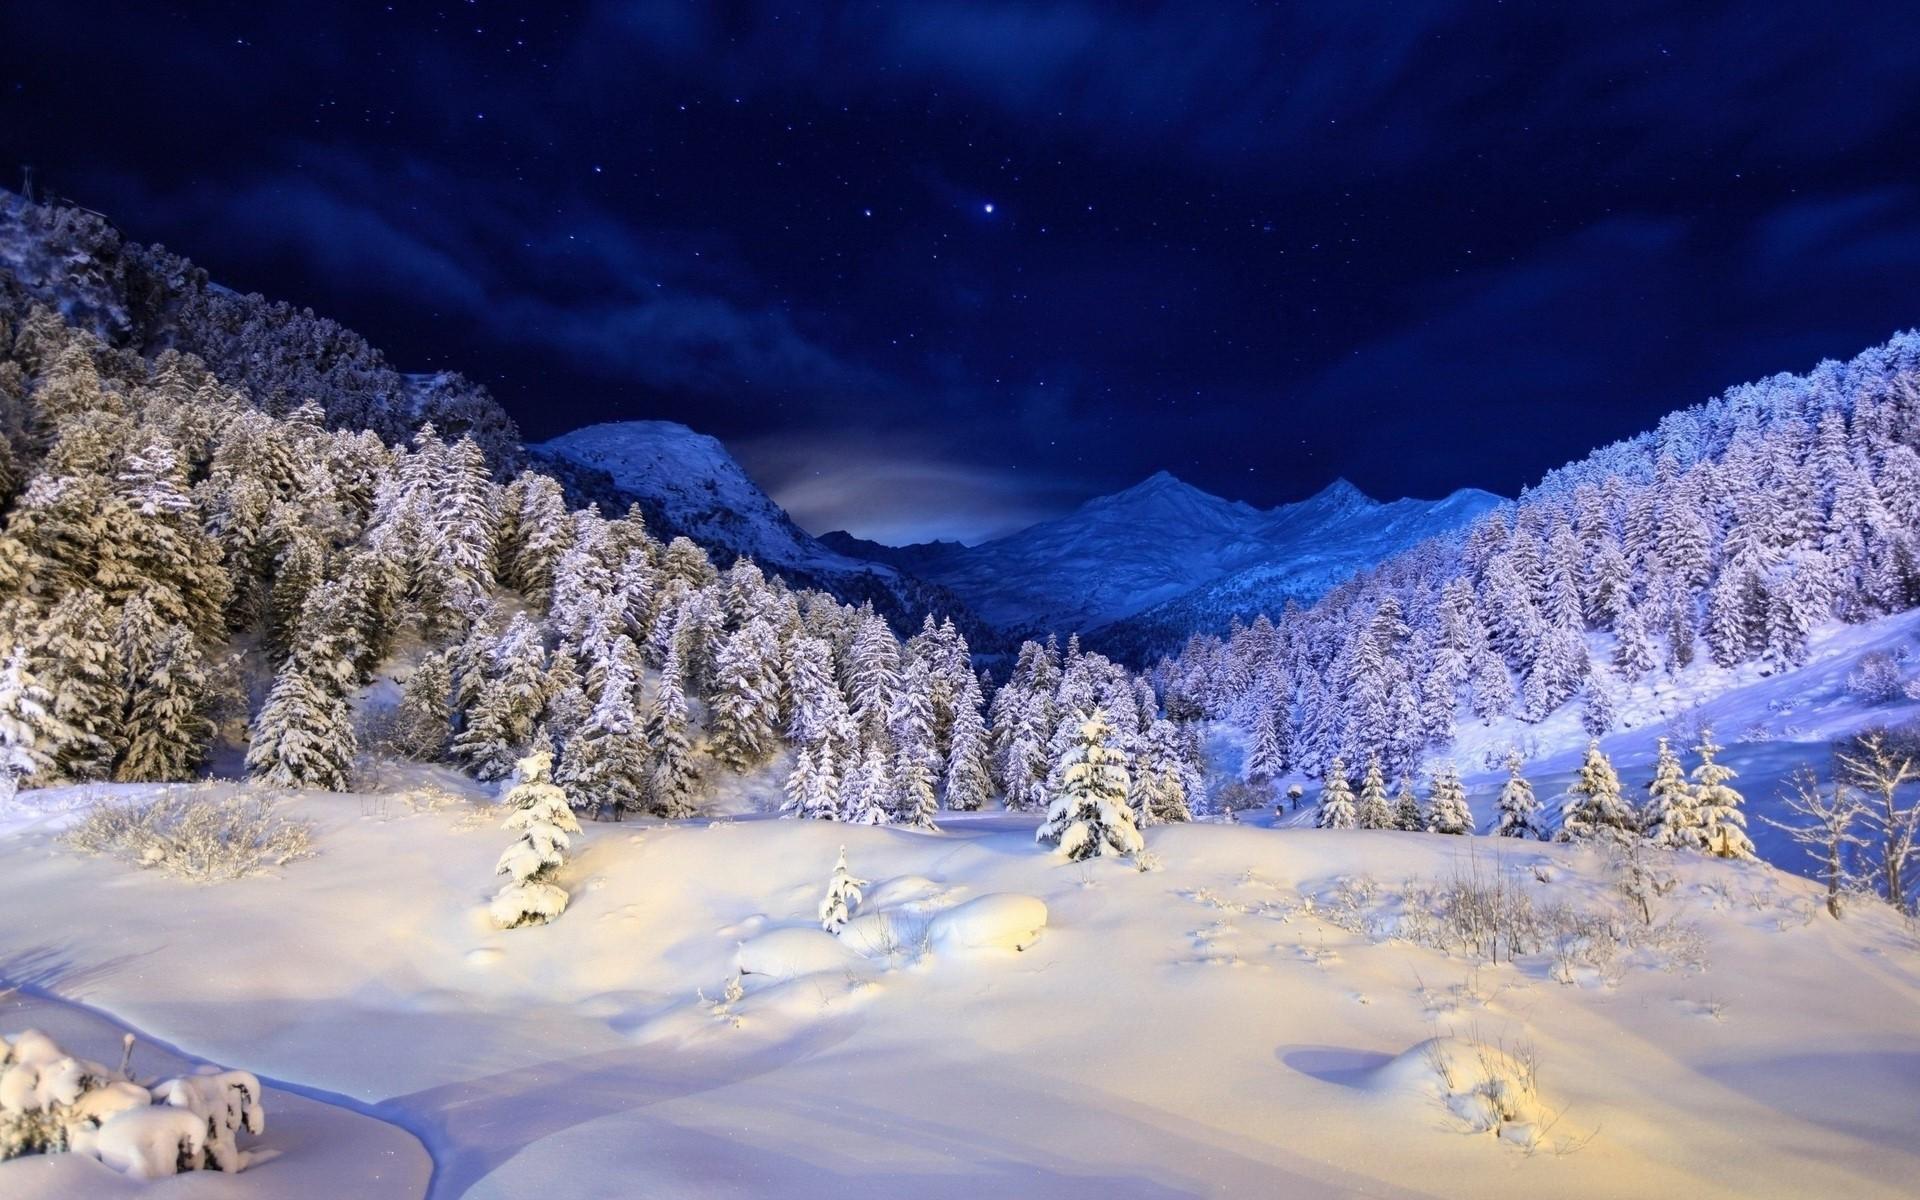 Winter Backgrounds 18563 px ~ HDWallSource.com